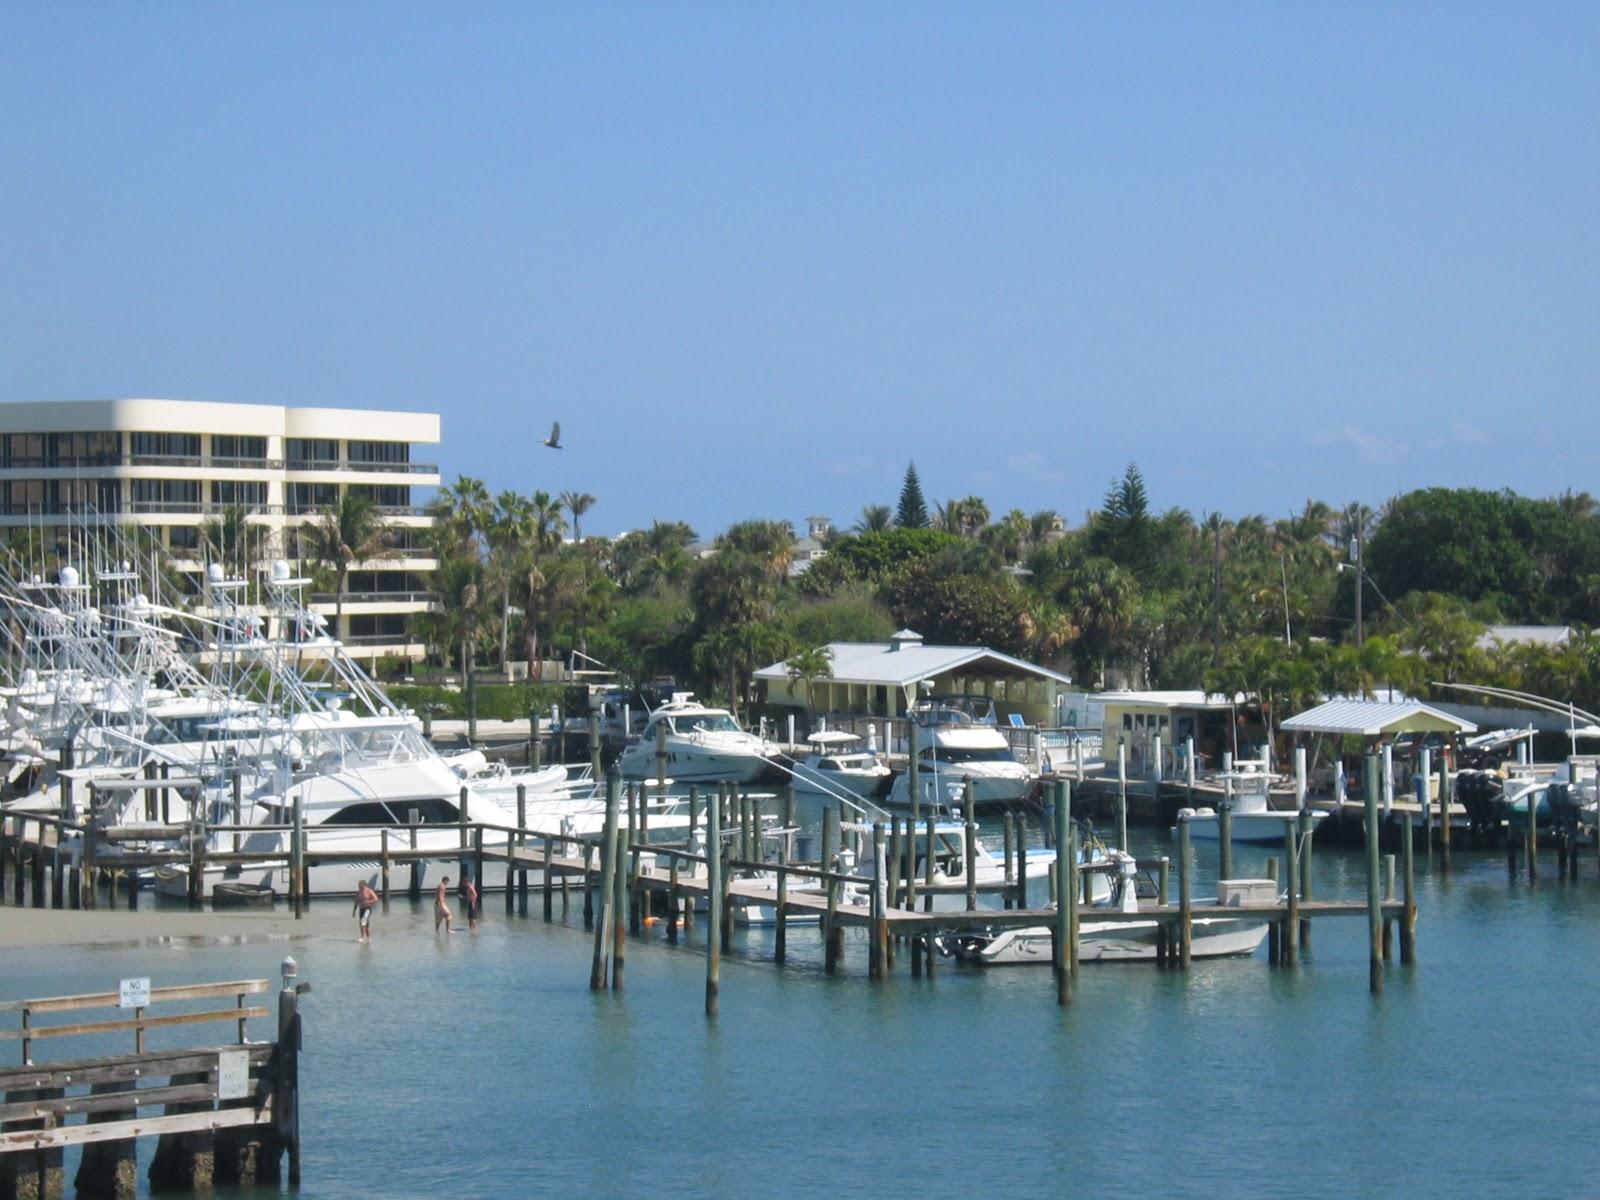 Jib Yacht Club & Marina - Tequesta Webpagedepot